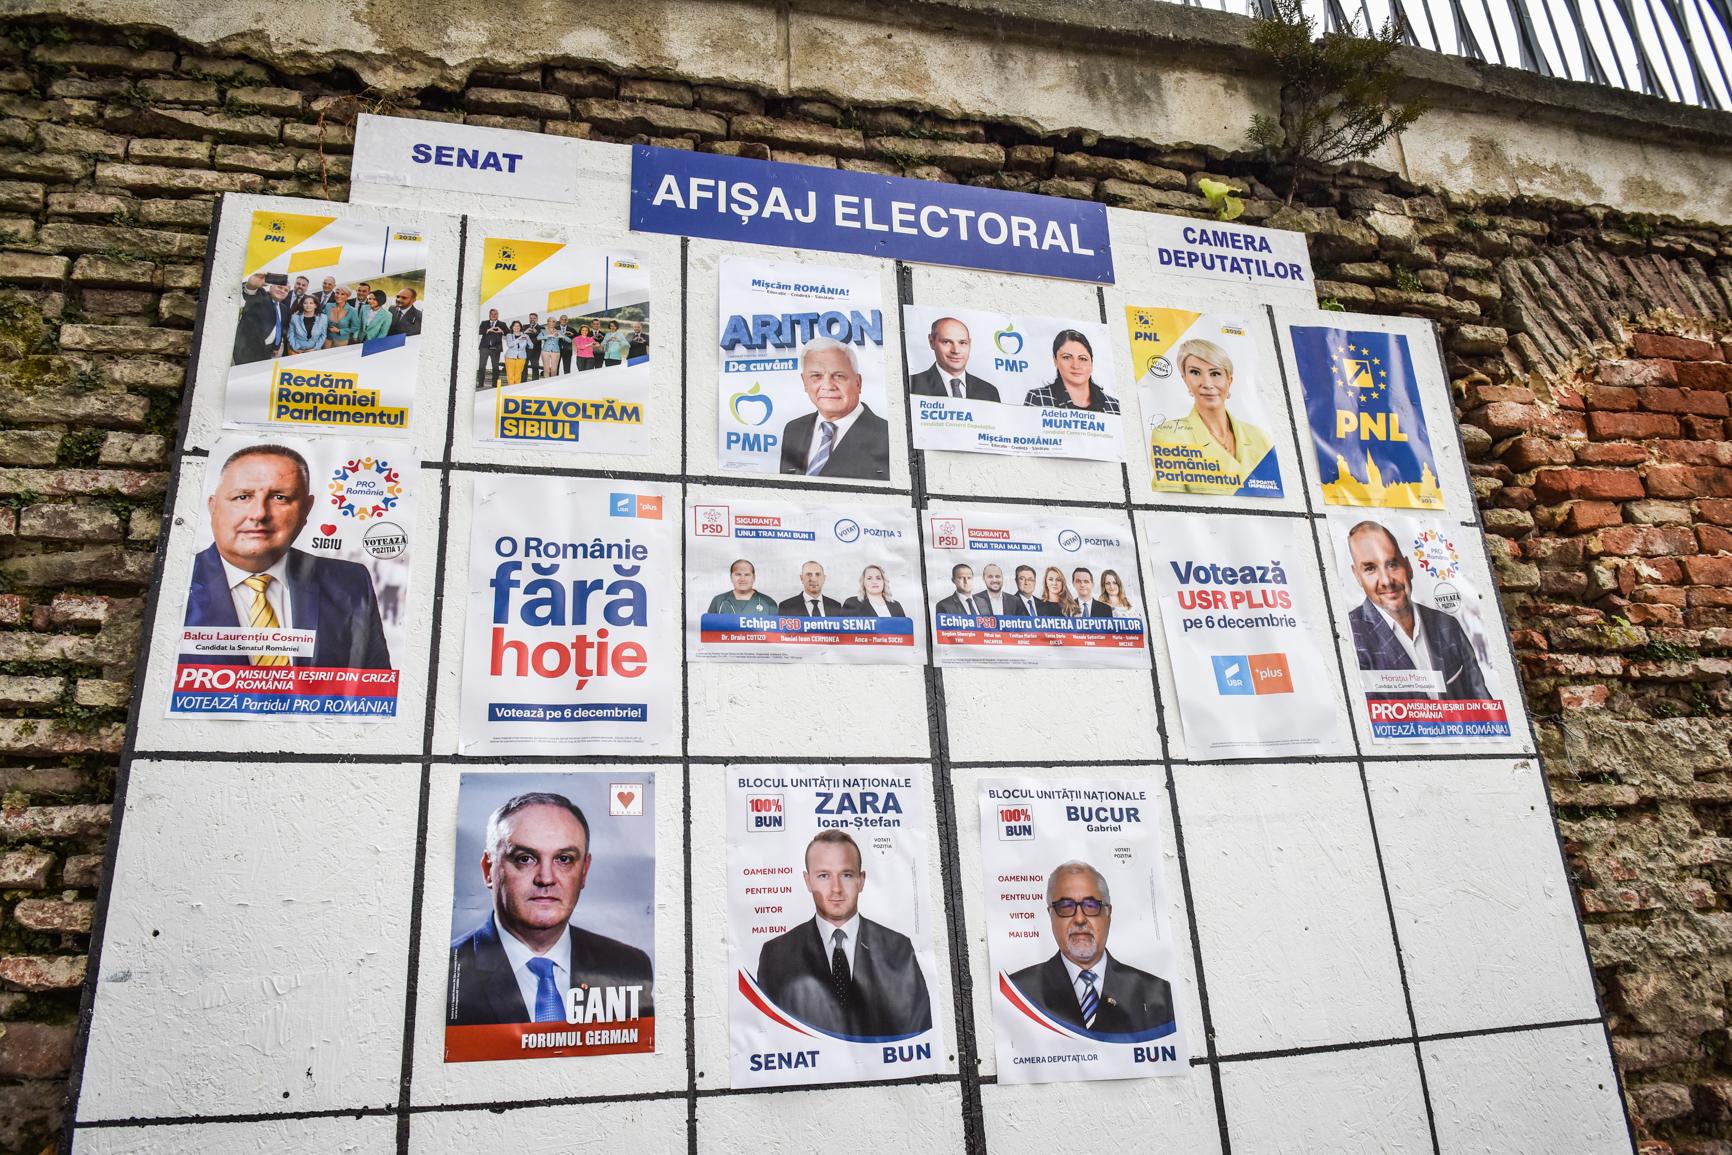 PSD, votat majoritar în cinci localități. USR PLUS în două, AUR în una, iar PNL în restul